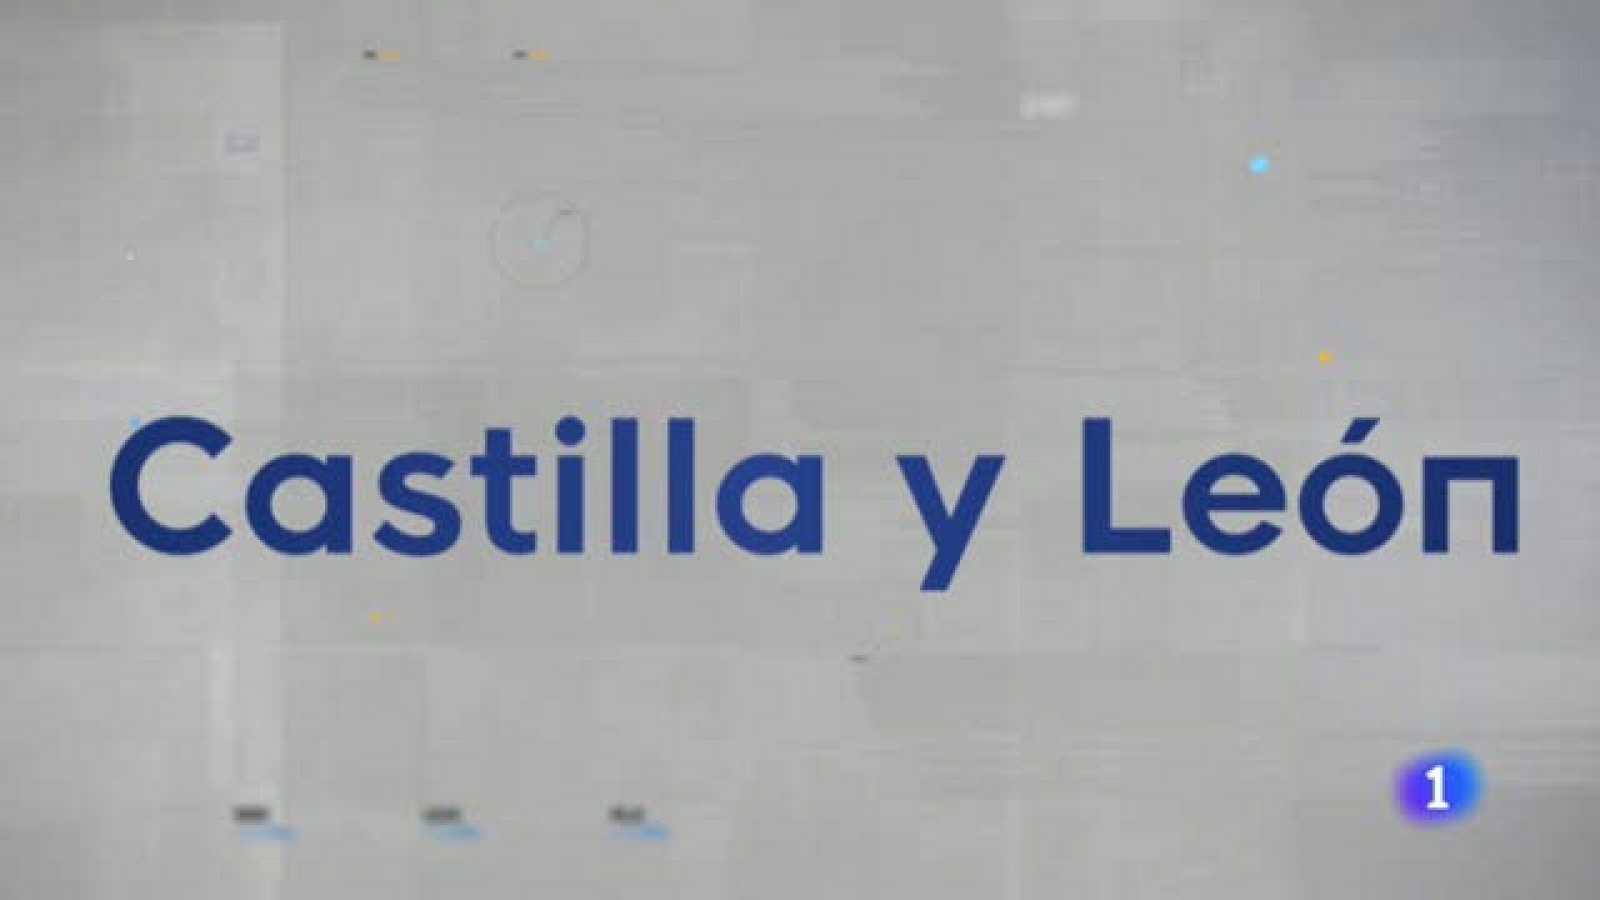 Noticias de Castilla y León - 02/03/21